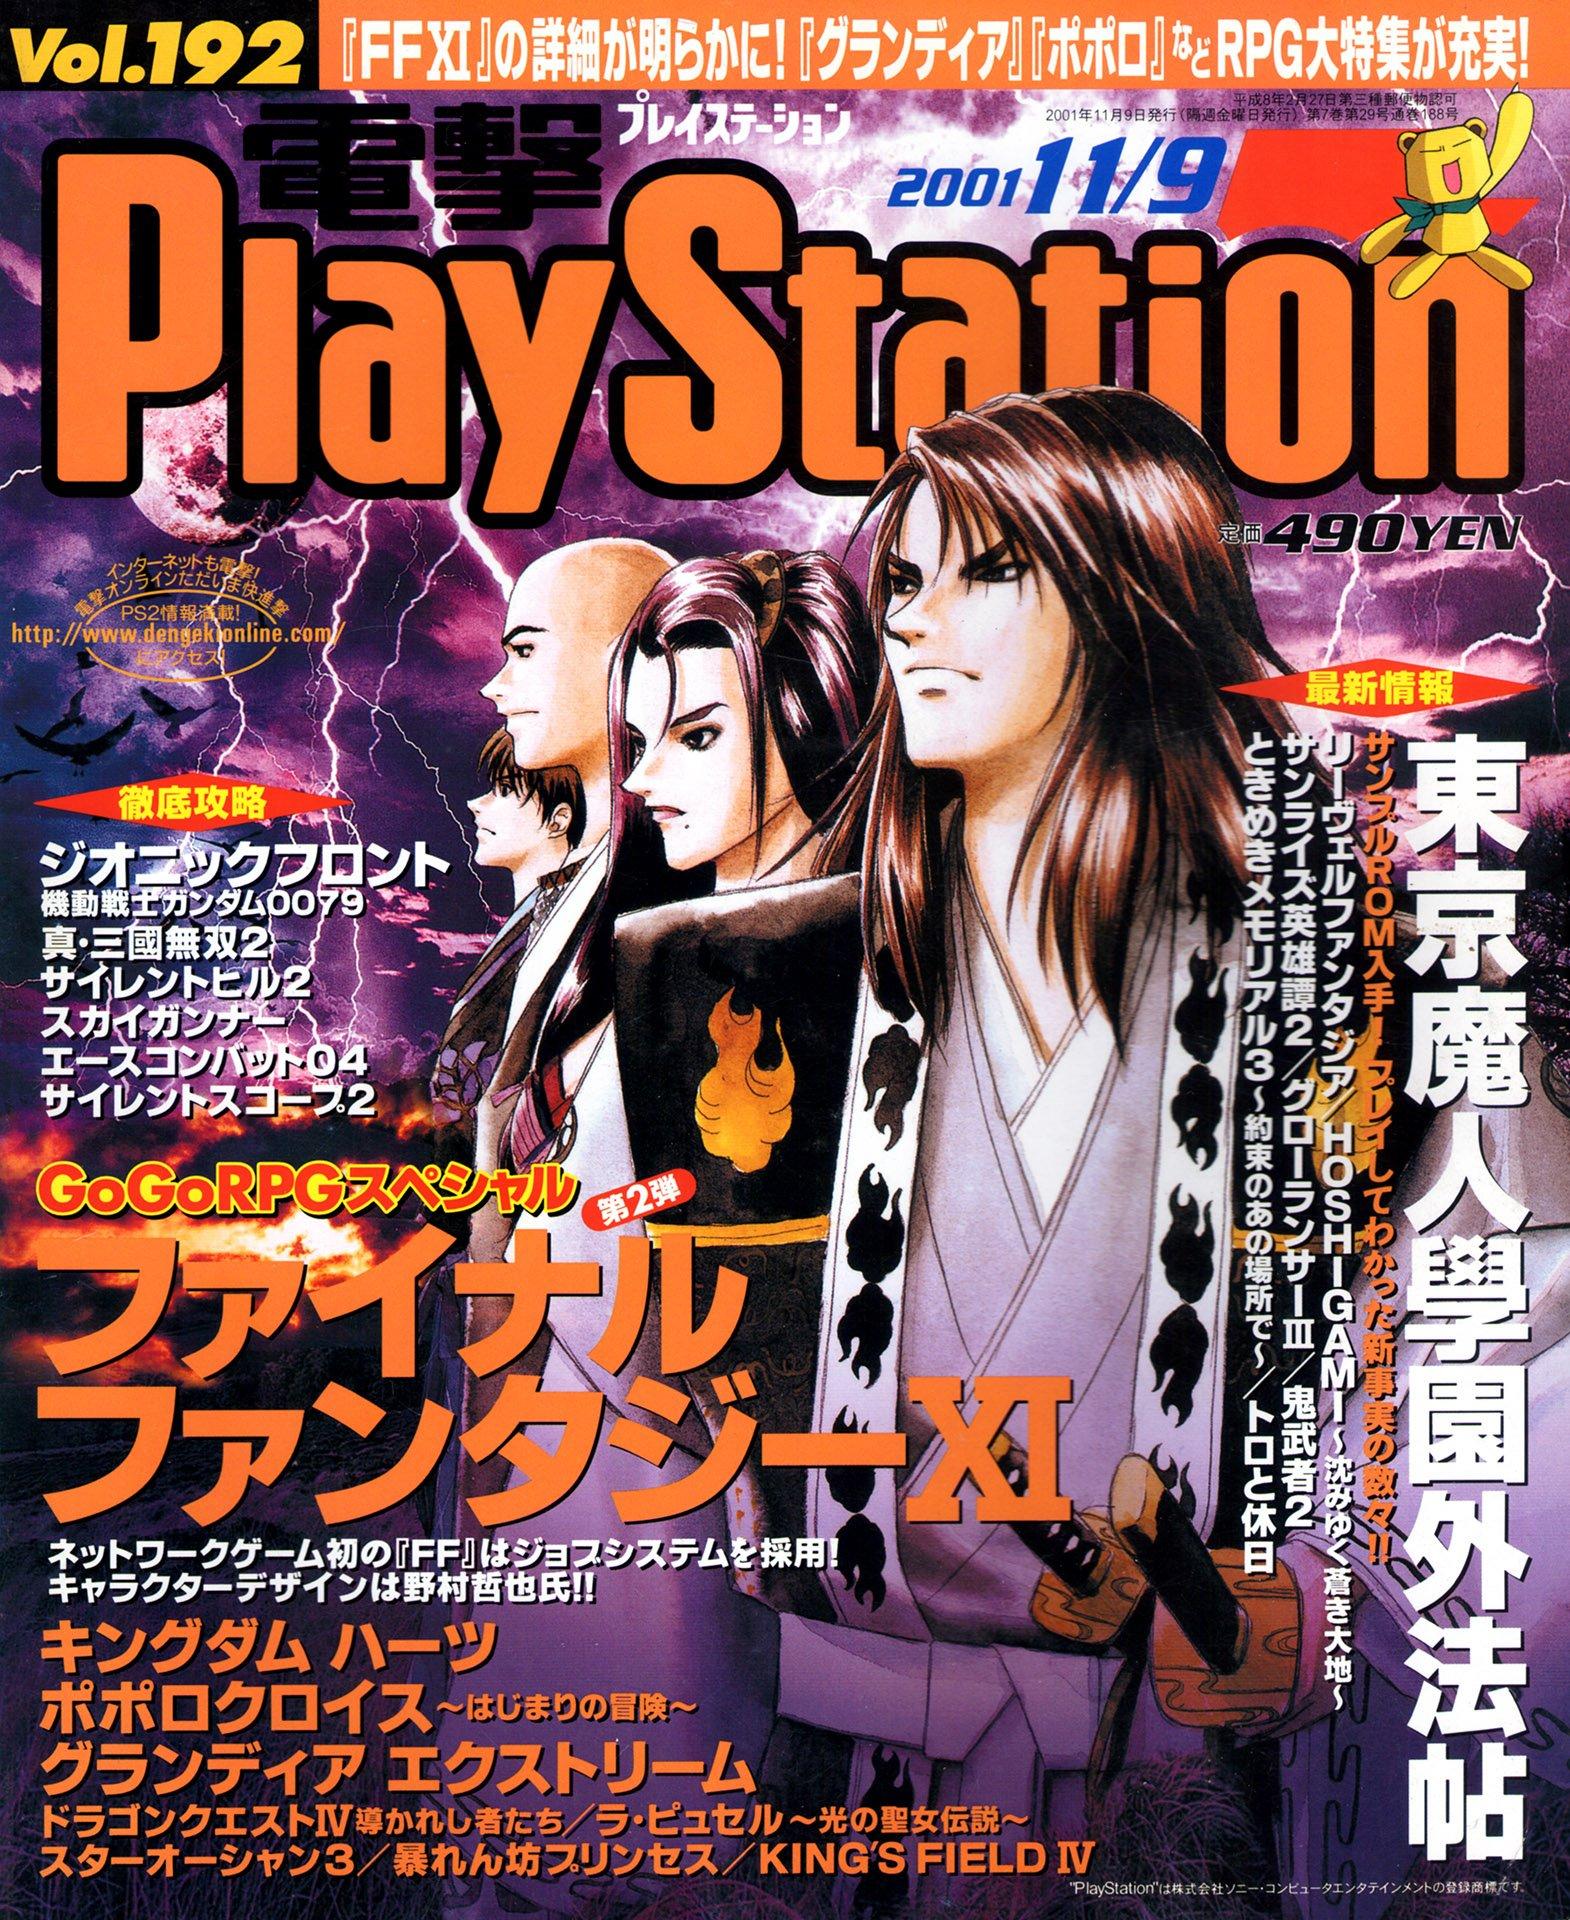 Dengeki PlayStation 192 (November 9, 2001)